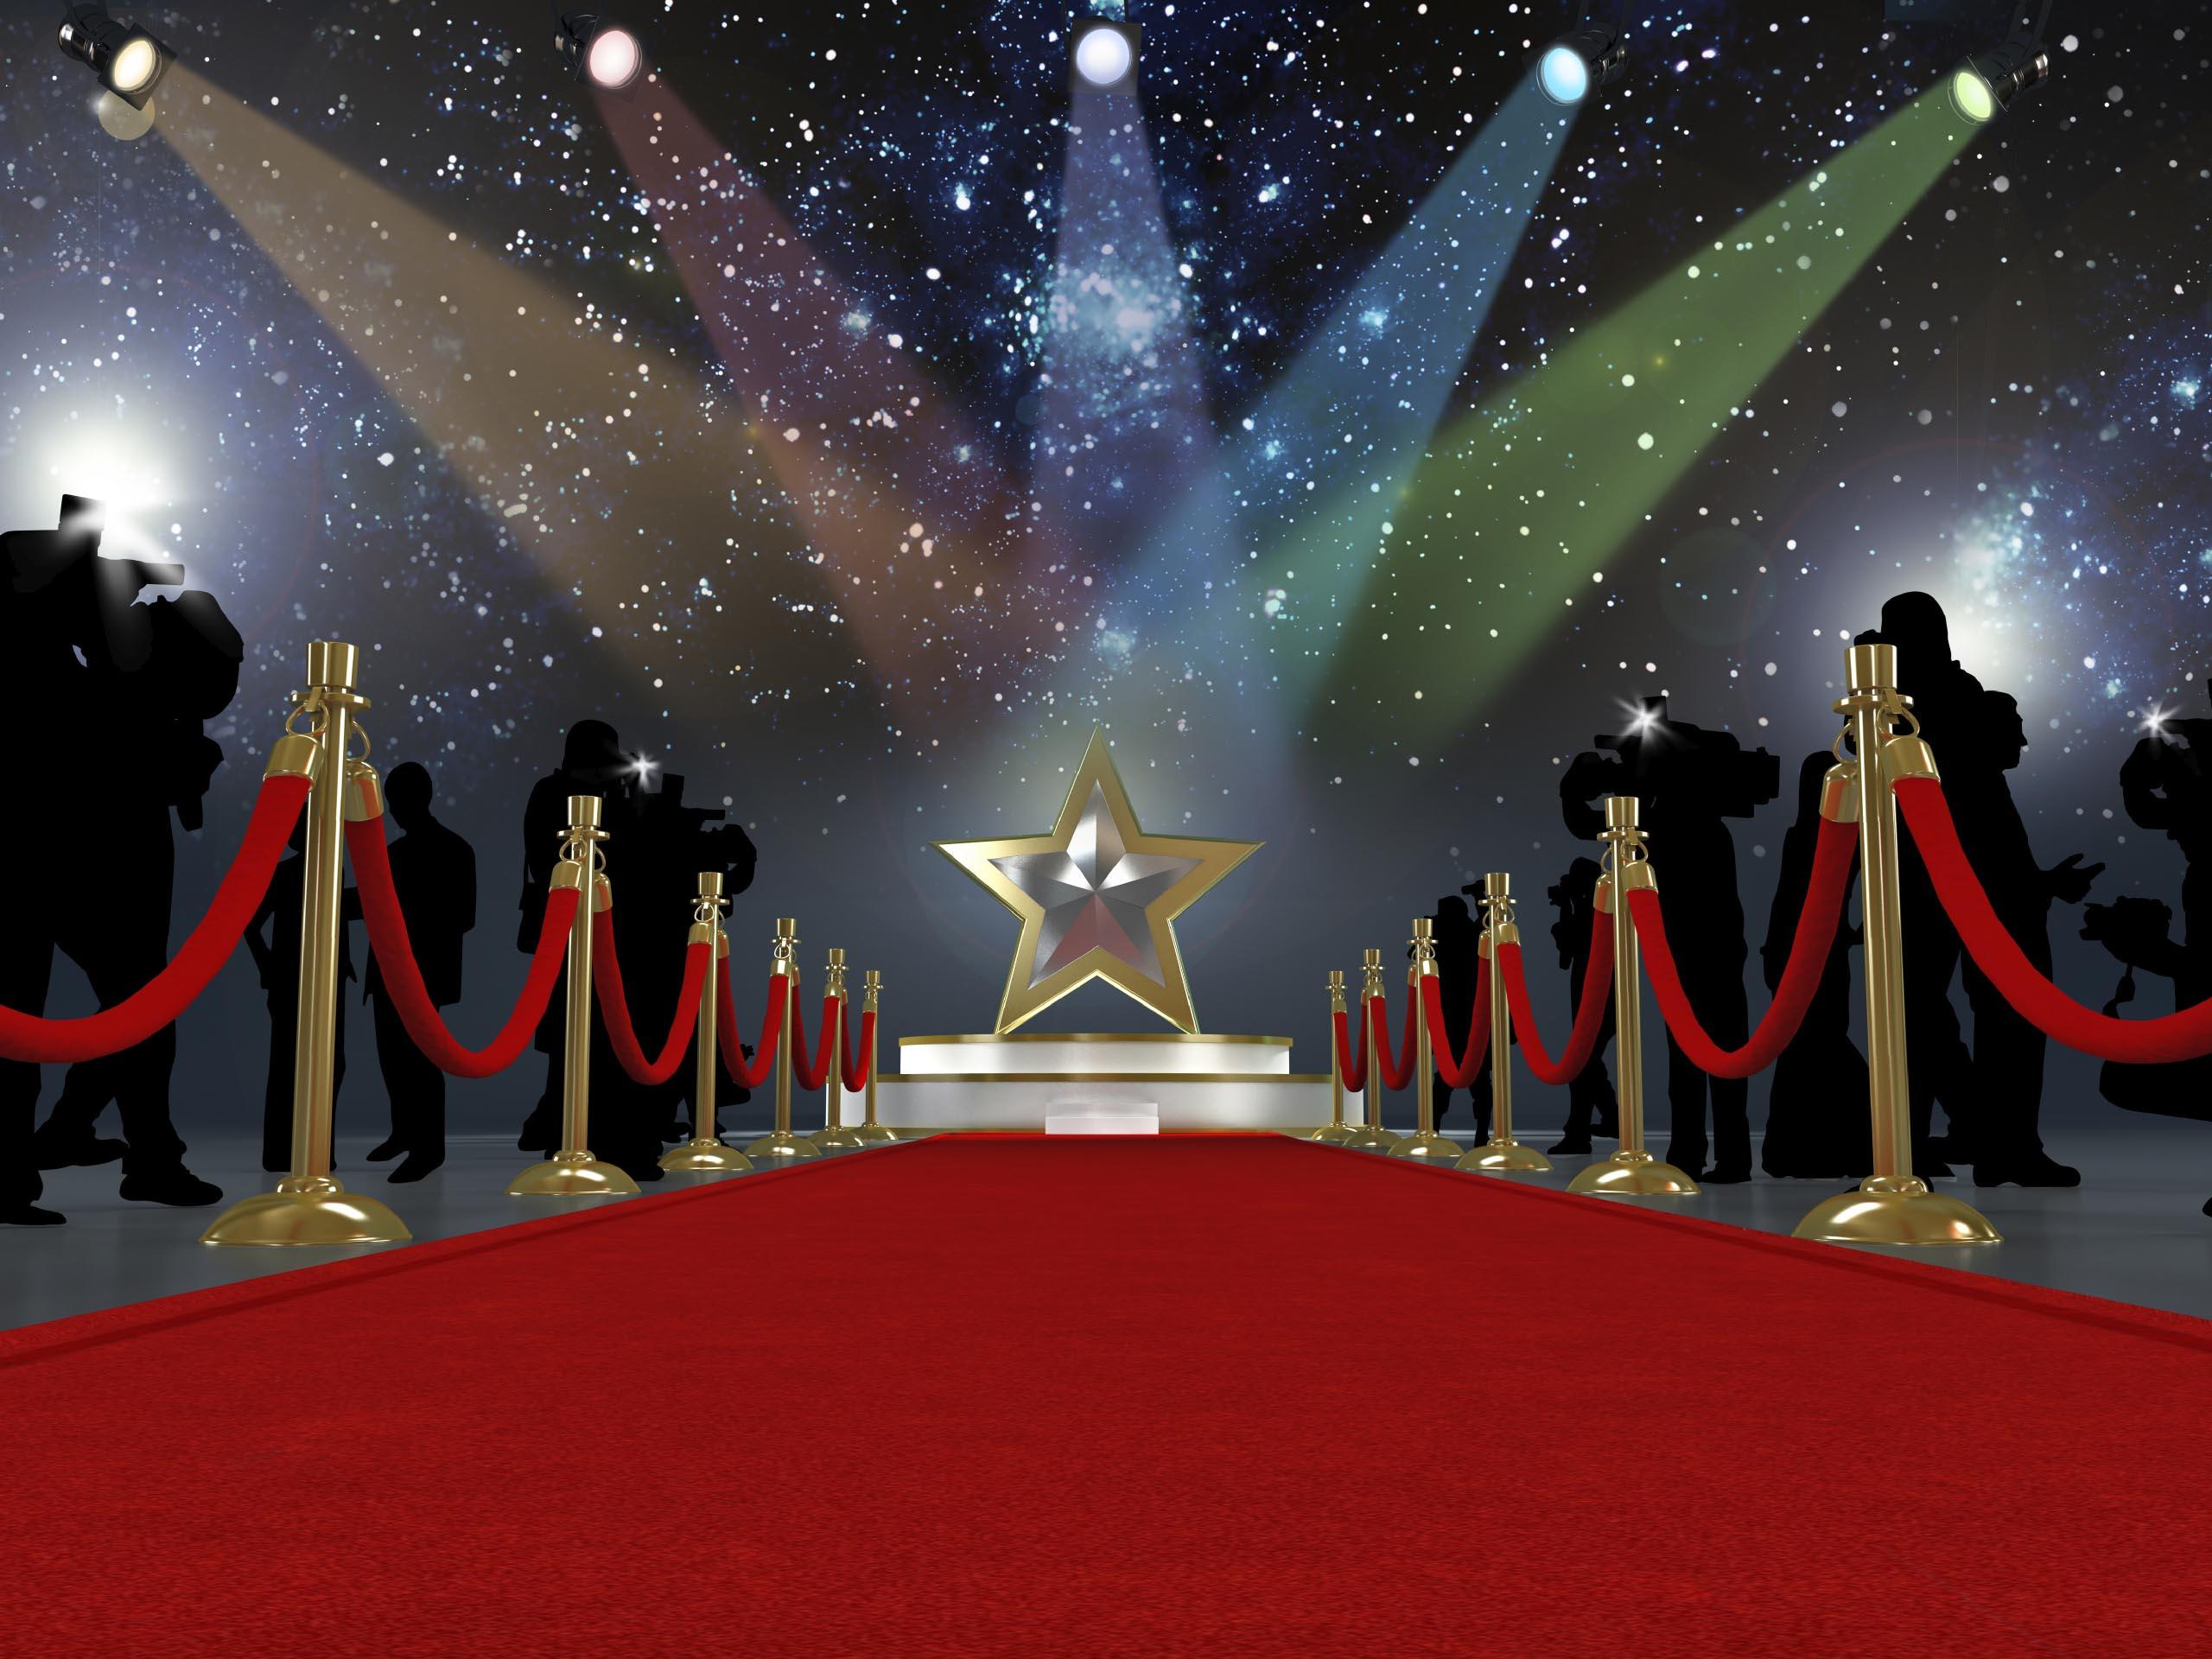 Red Carpet Wallpaper Backdrops - WallpaperSafari